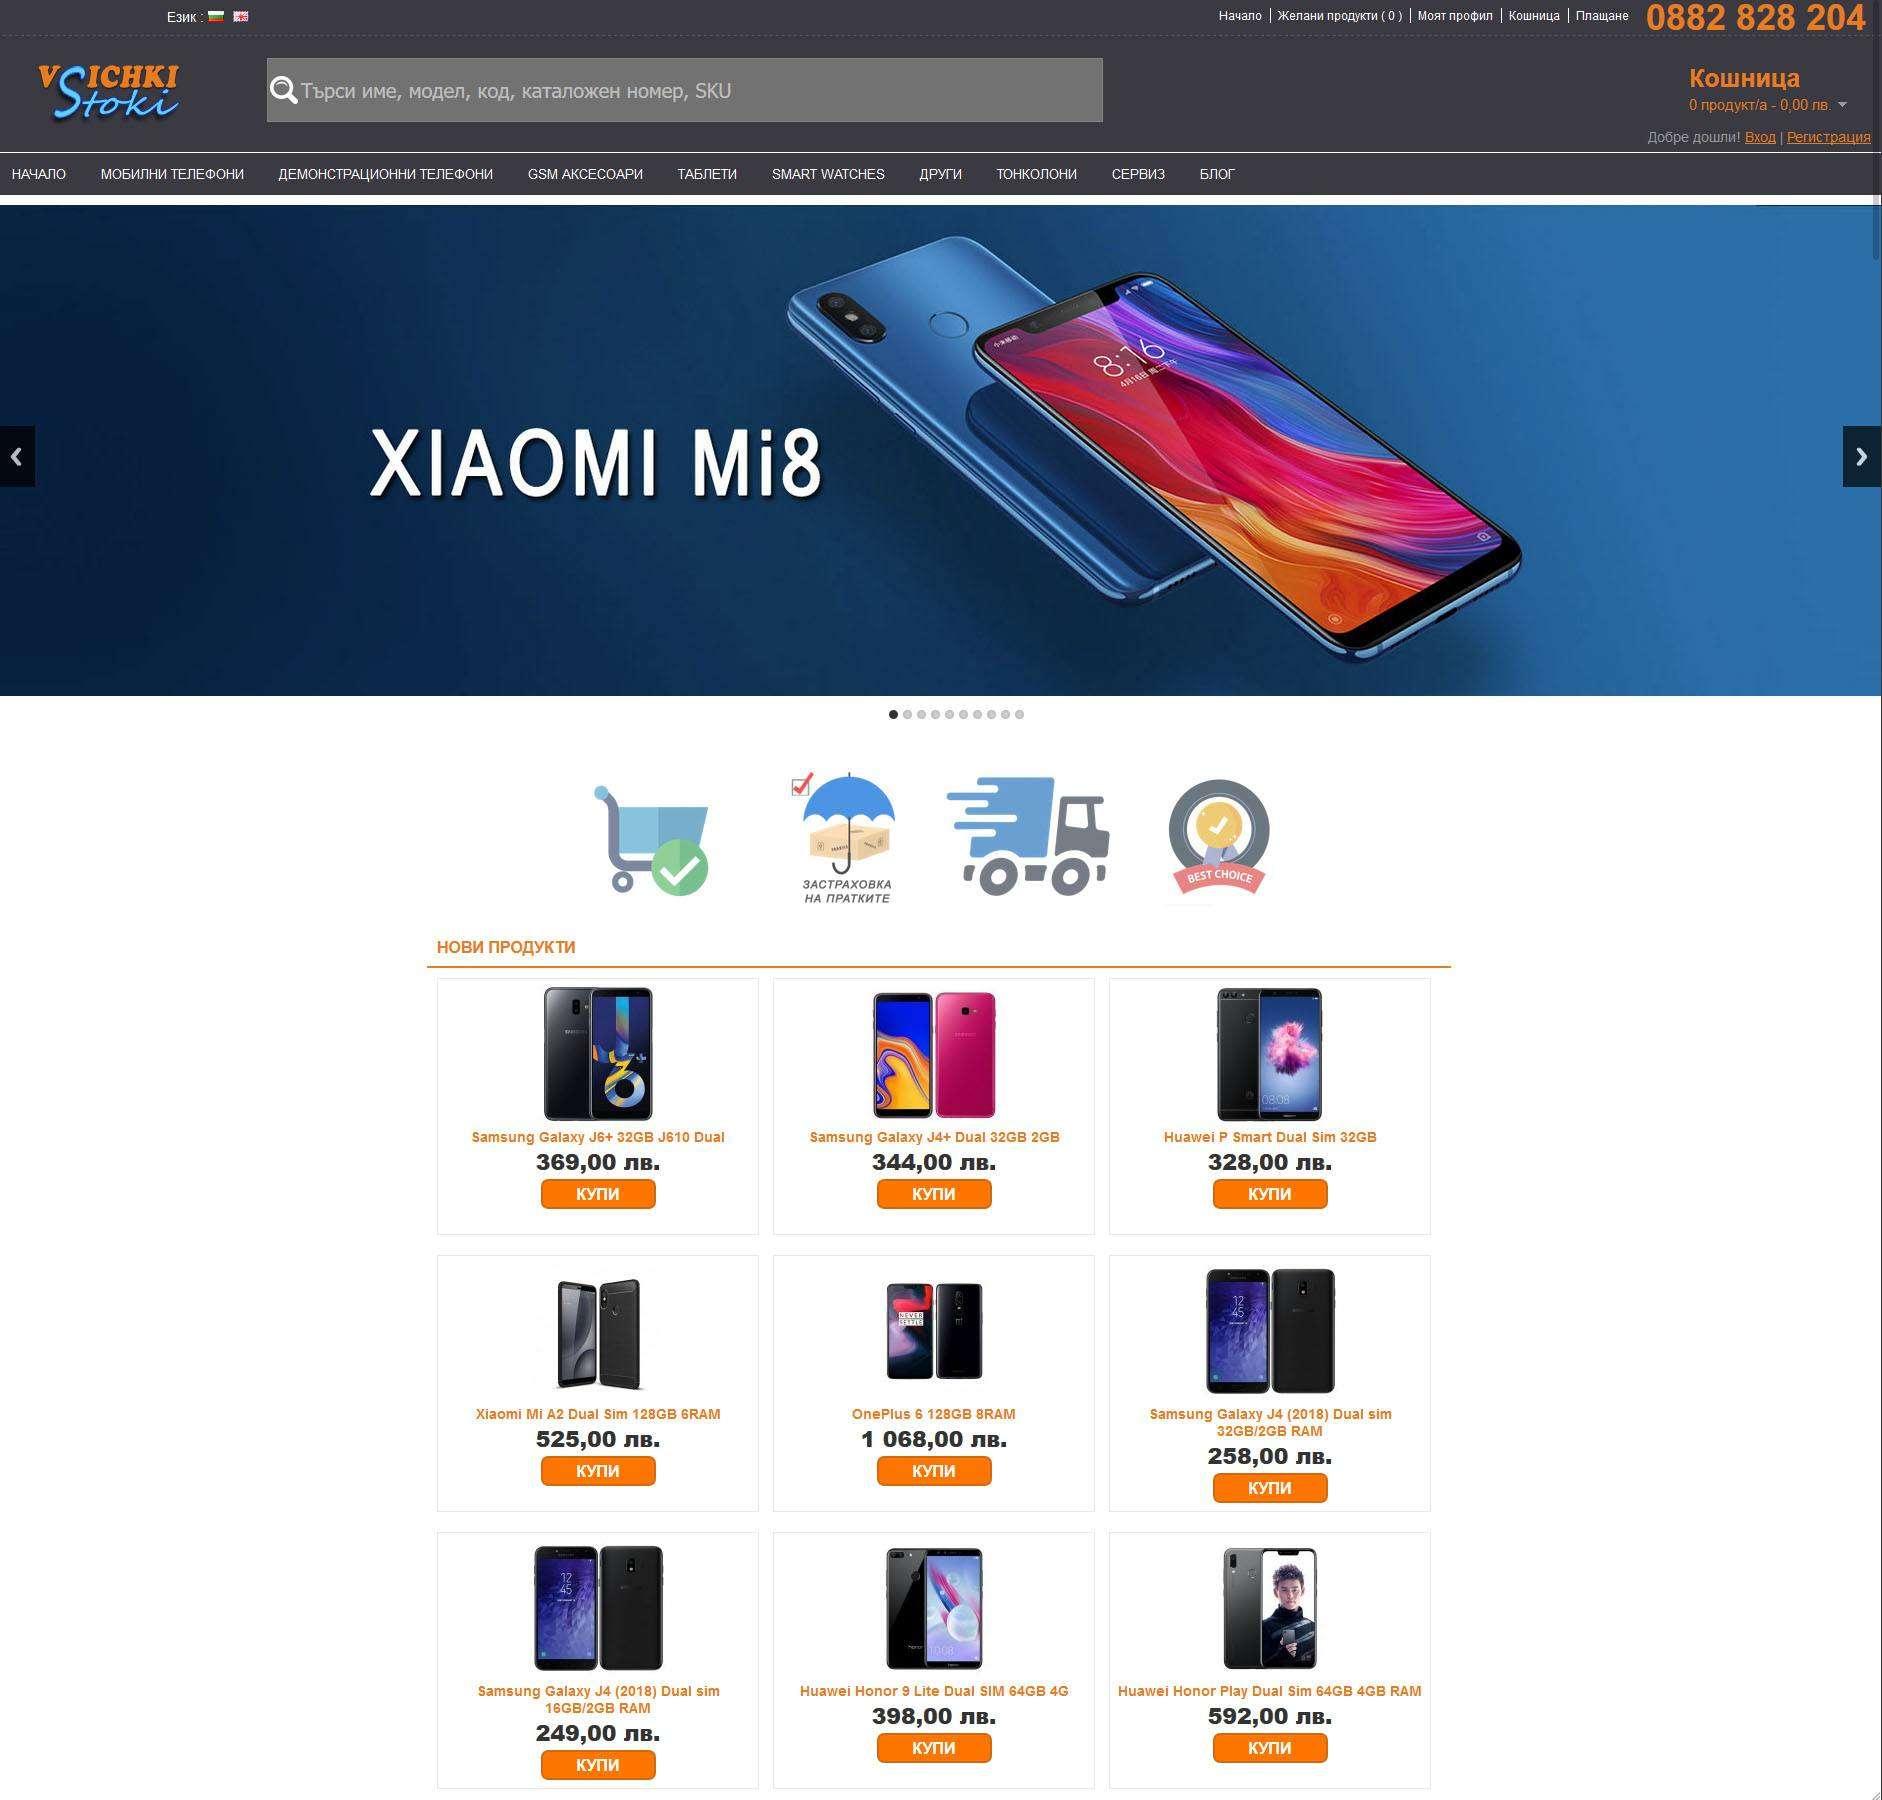 Новия изглед след редизайна на сайта за мобилни телефони vsichkistoki